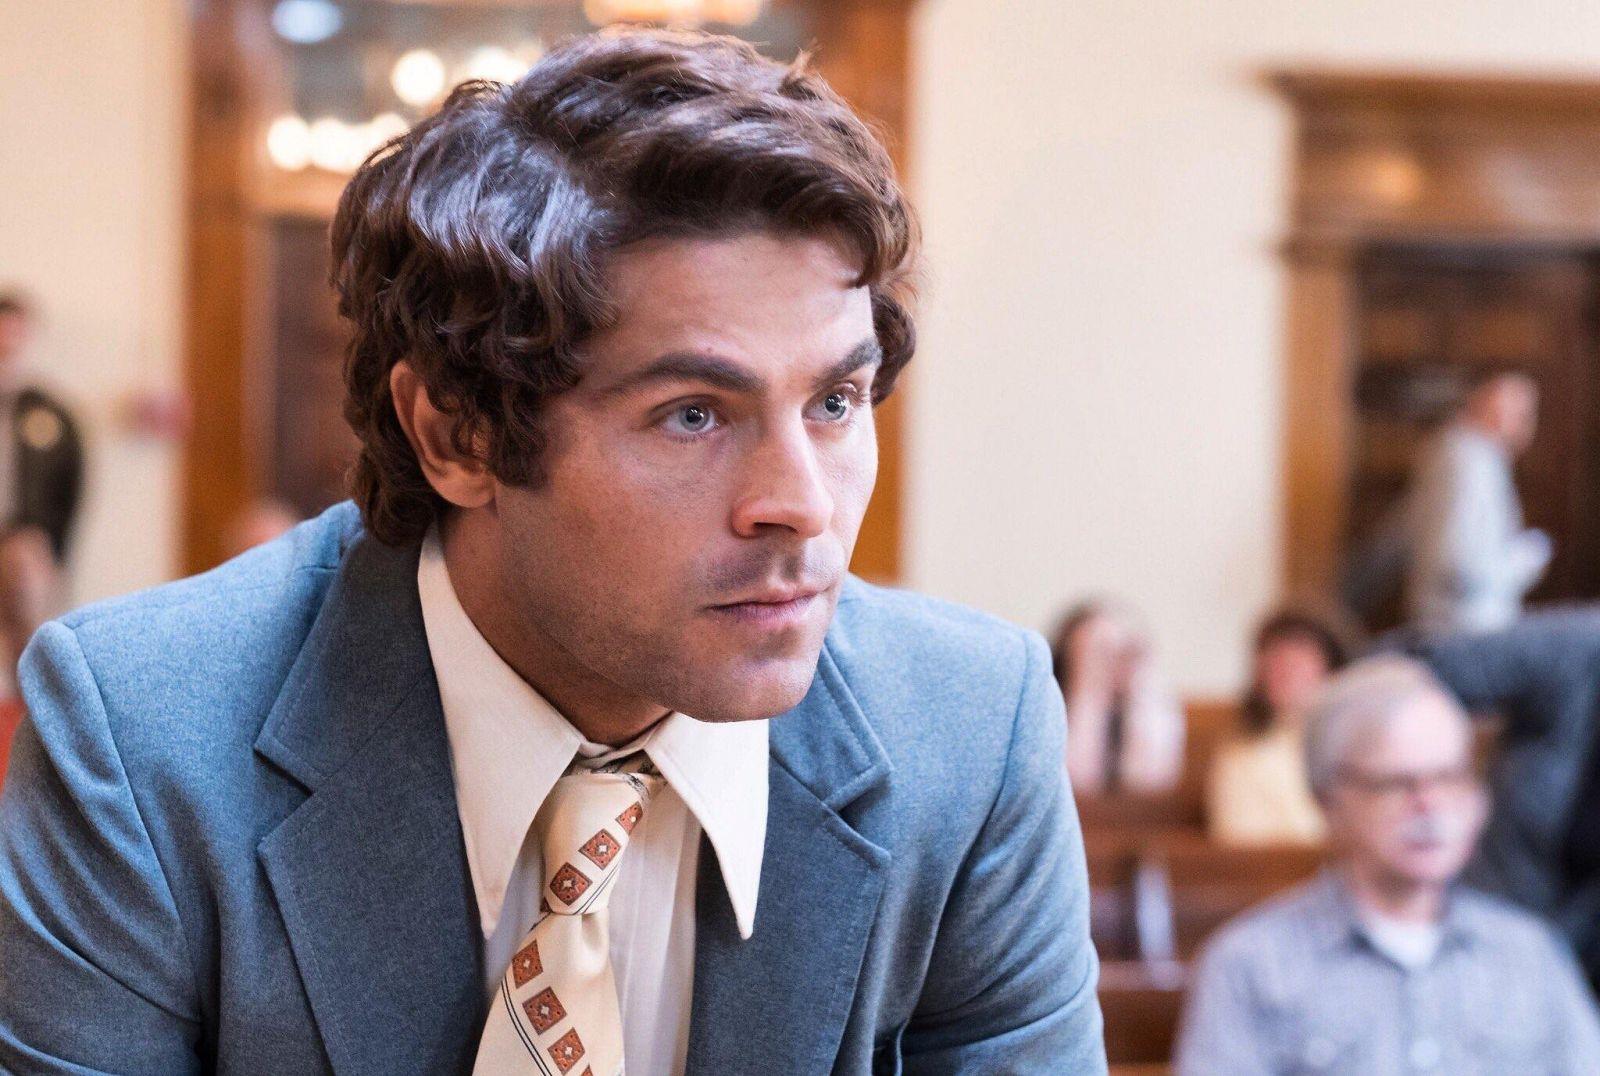 Зак Эфрон на съёмках триллера «Красивый, плохой, злой» о Теде Банди